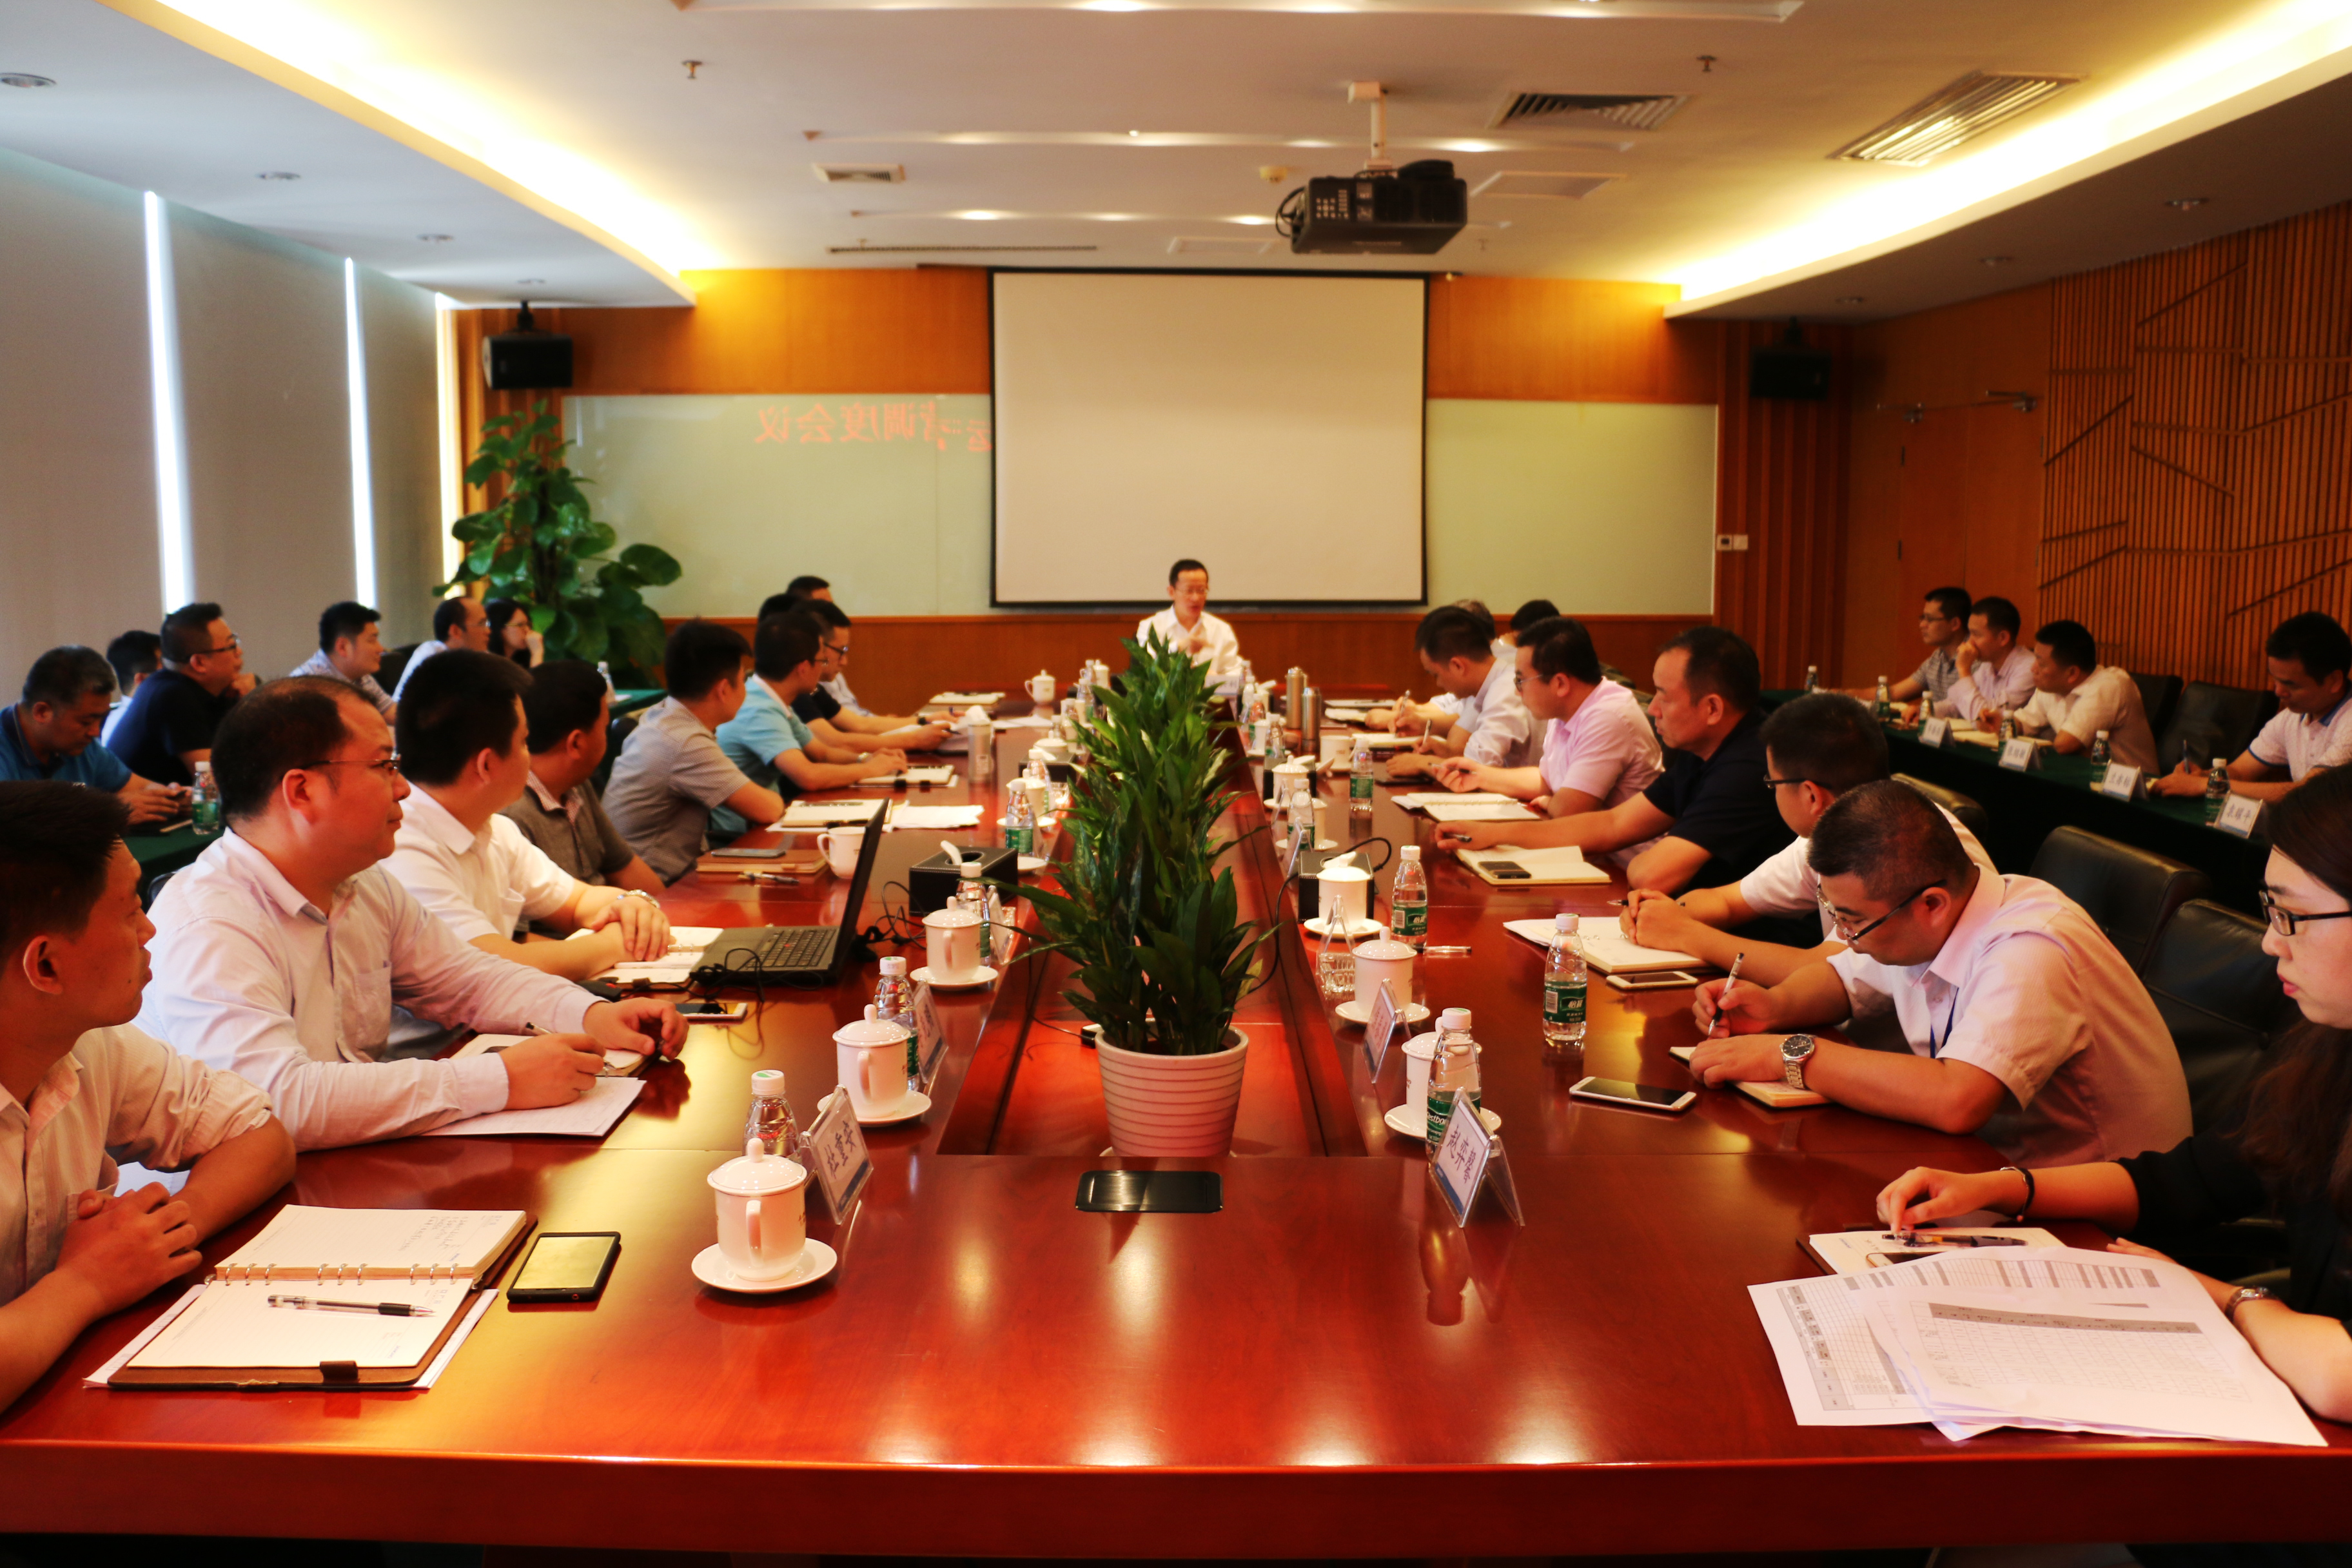 集团总裁许兴利莅临广州江河幕墙指导工作并主持召开华南大区和港澳区运营调度会